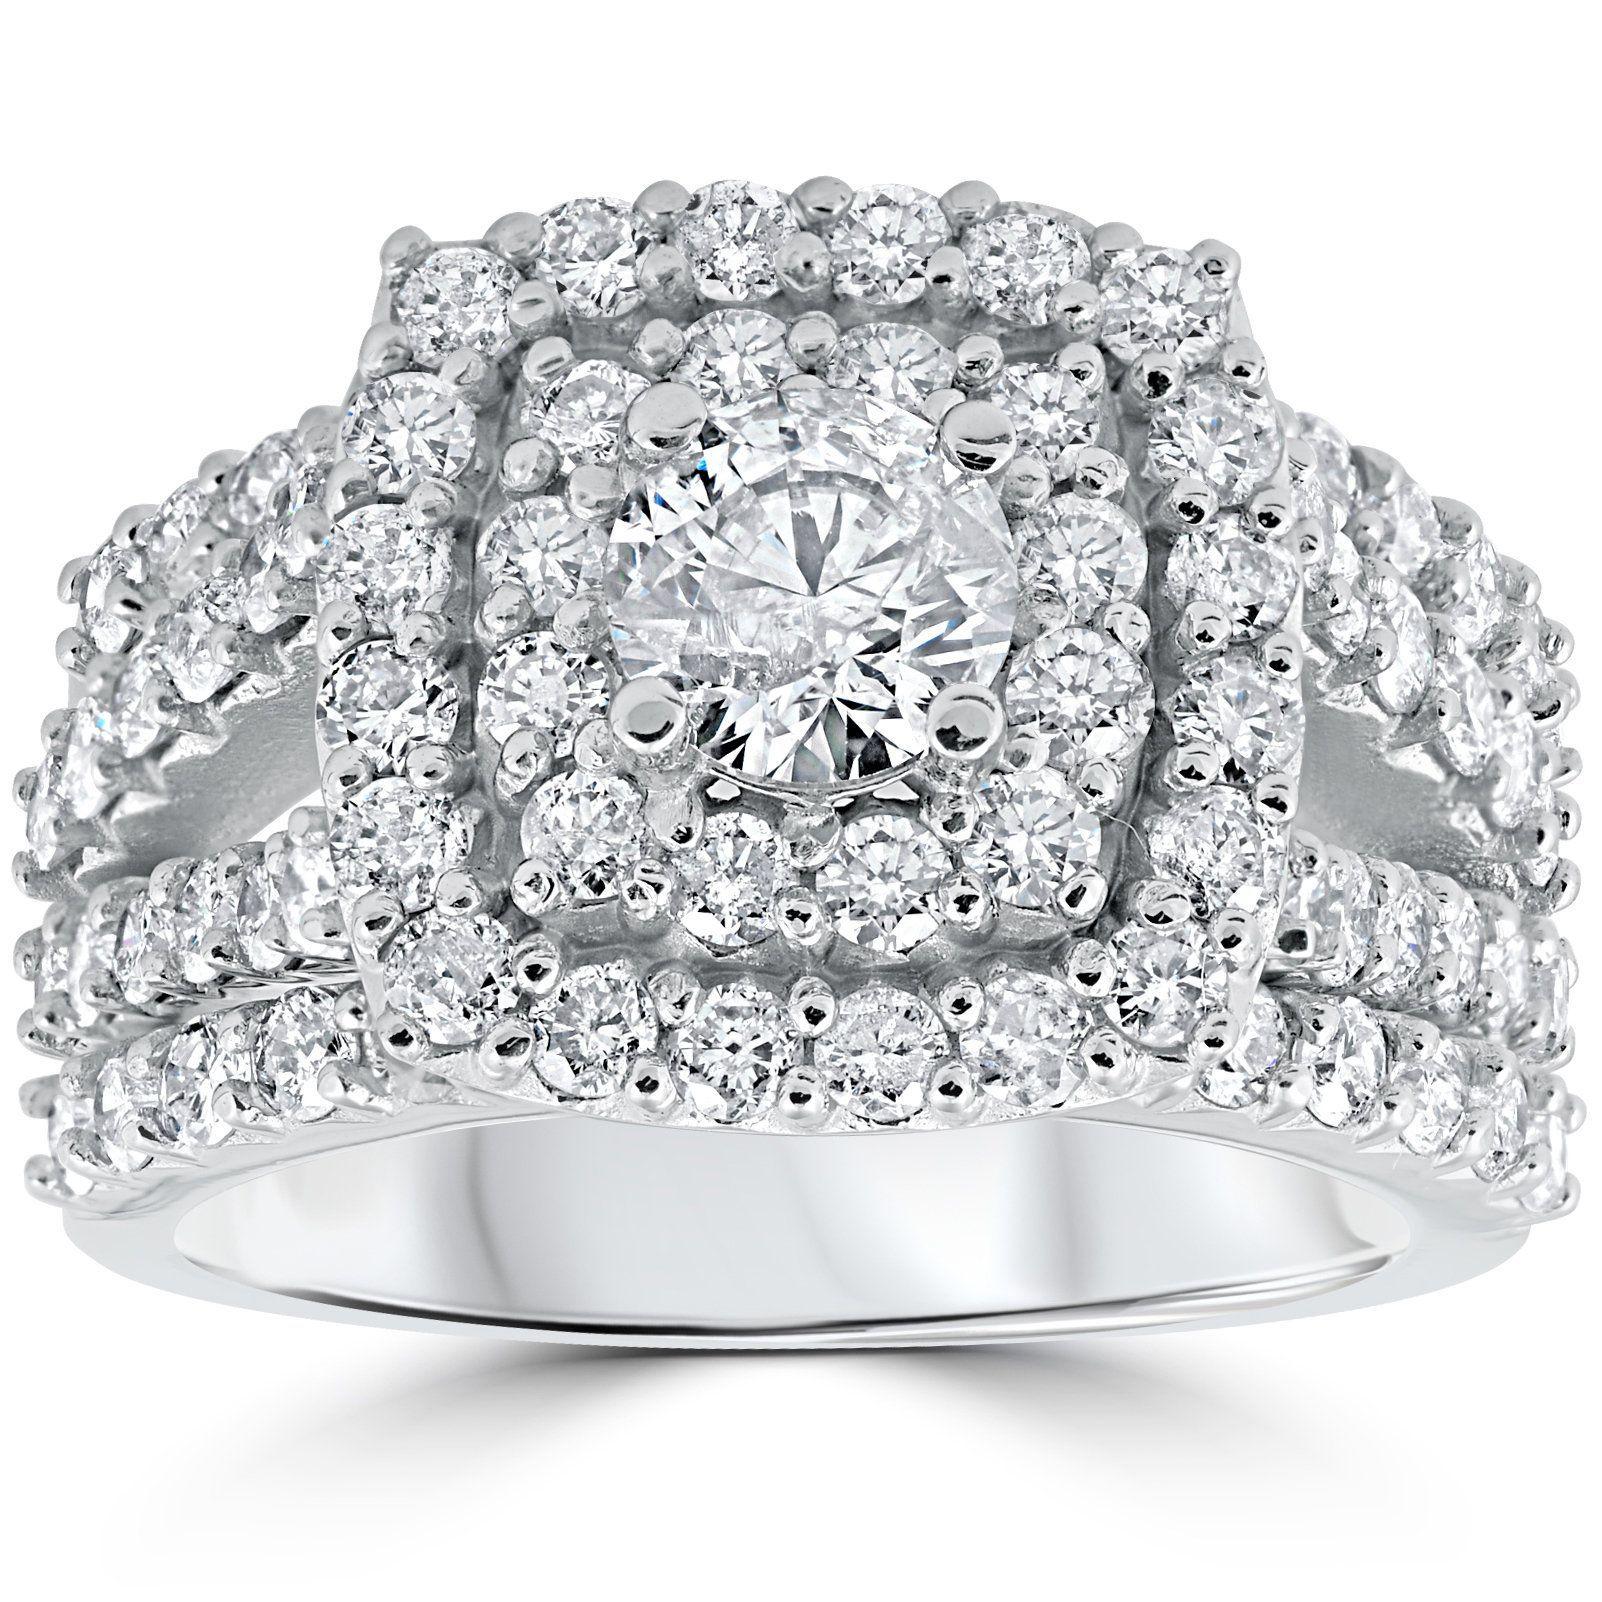 Bliss 10k White Gold 3 ct Diamond Engagement Wedding Double Halo Trio Ring Set (I-J, I2-I3) (Size